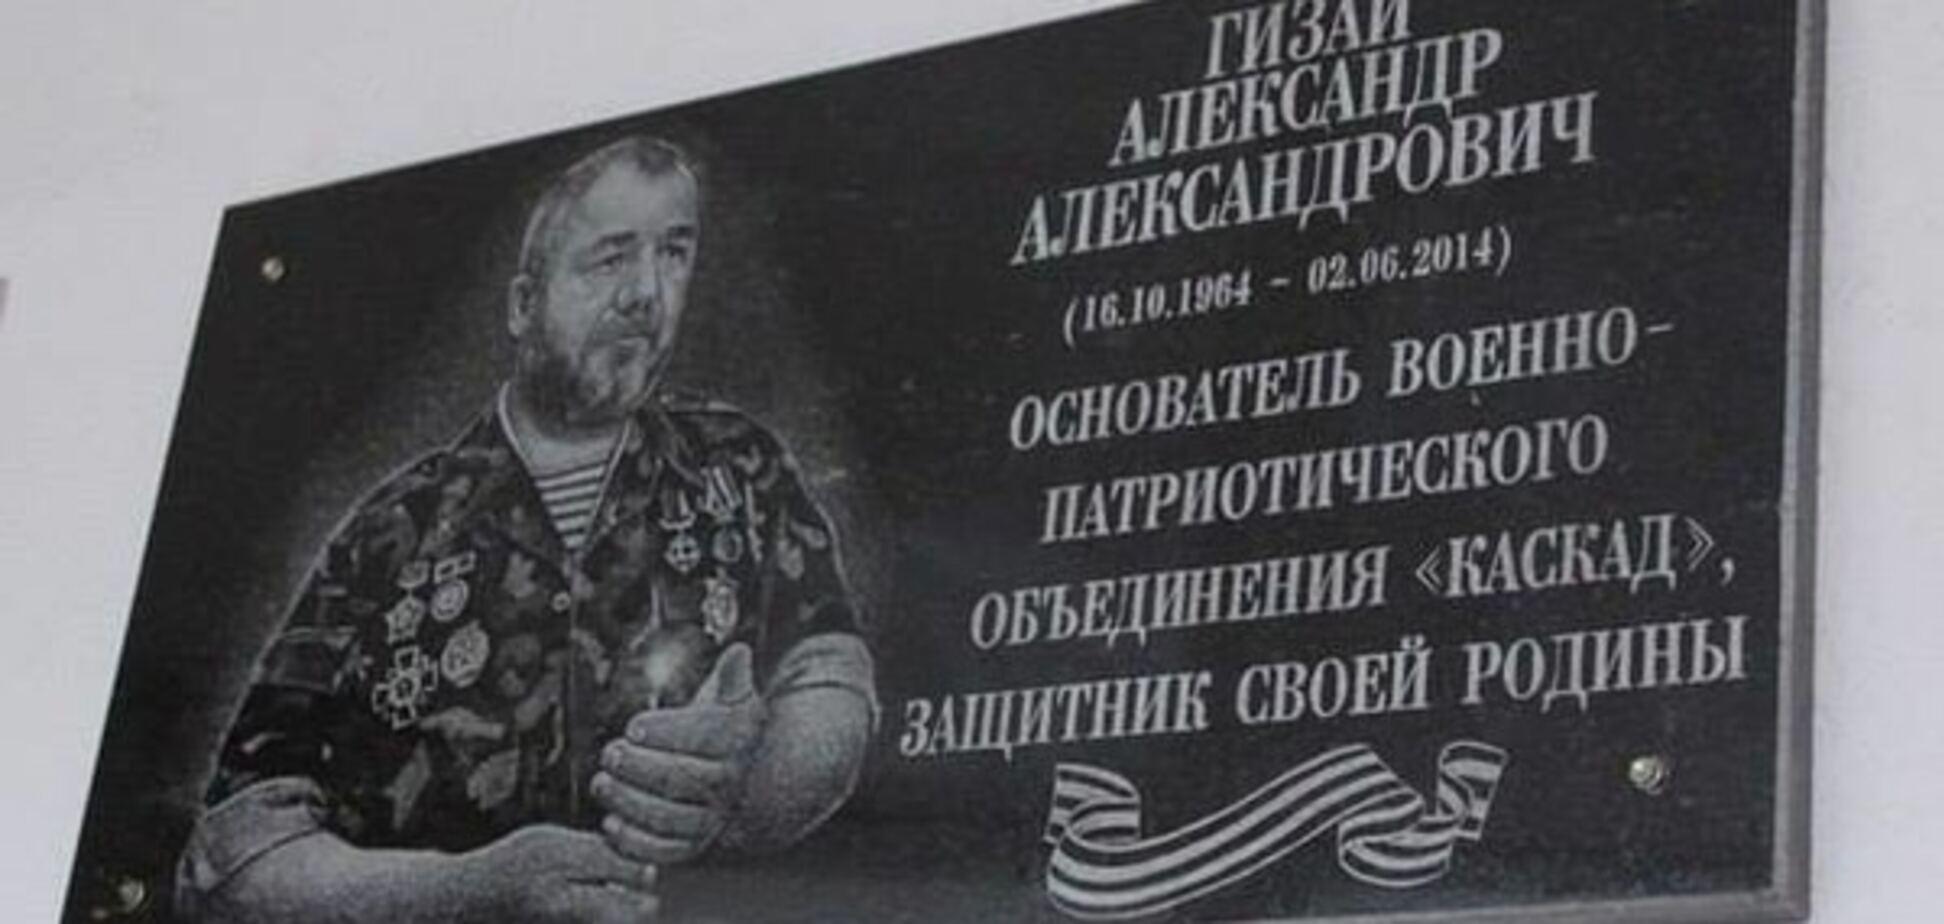 Операція 'ліквідація': Снєгірьов розкрив таємне вбивство опозиціонера в Луганську